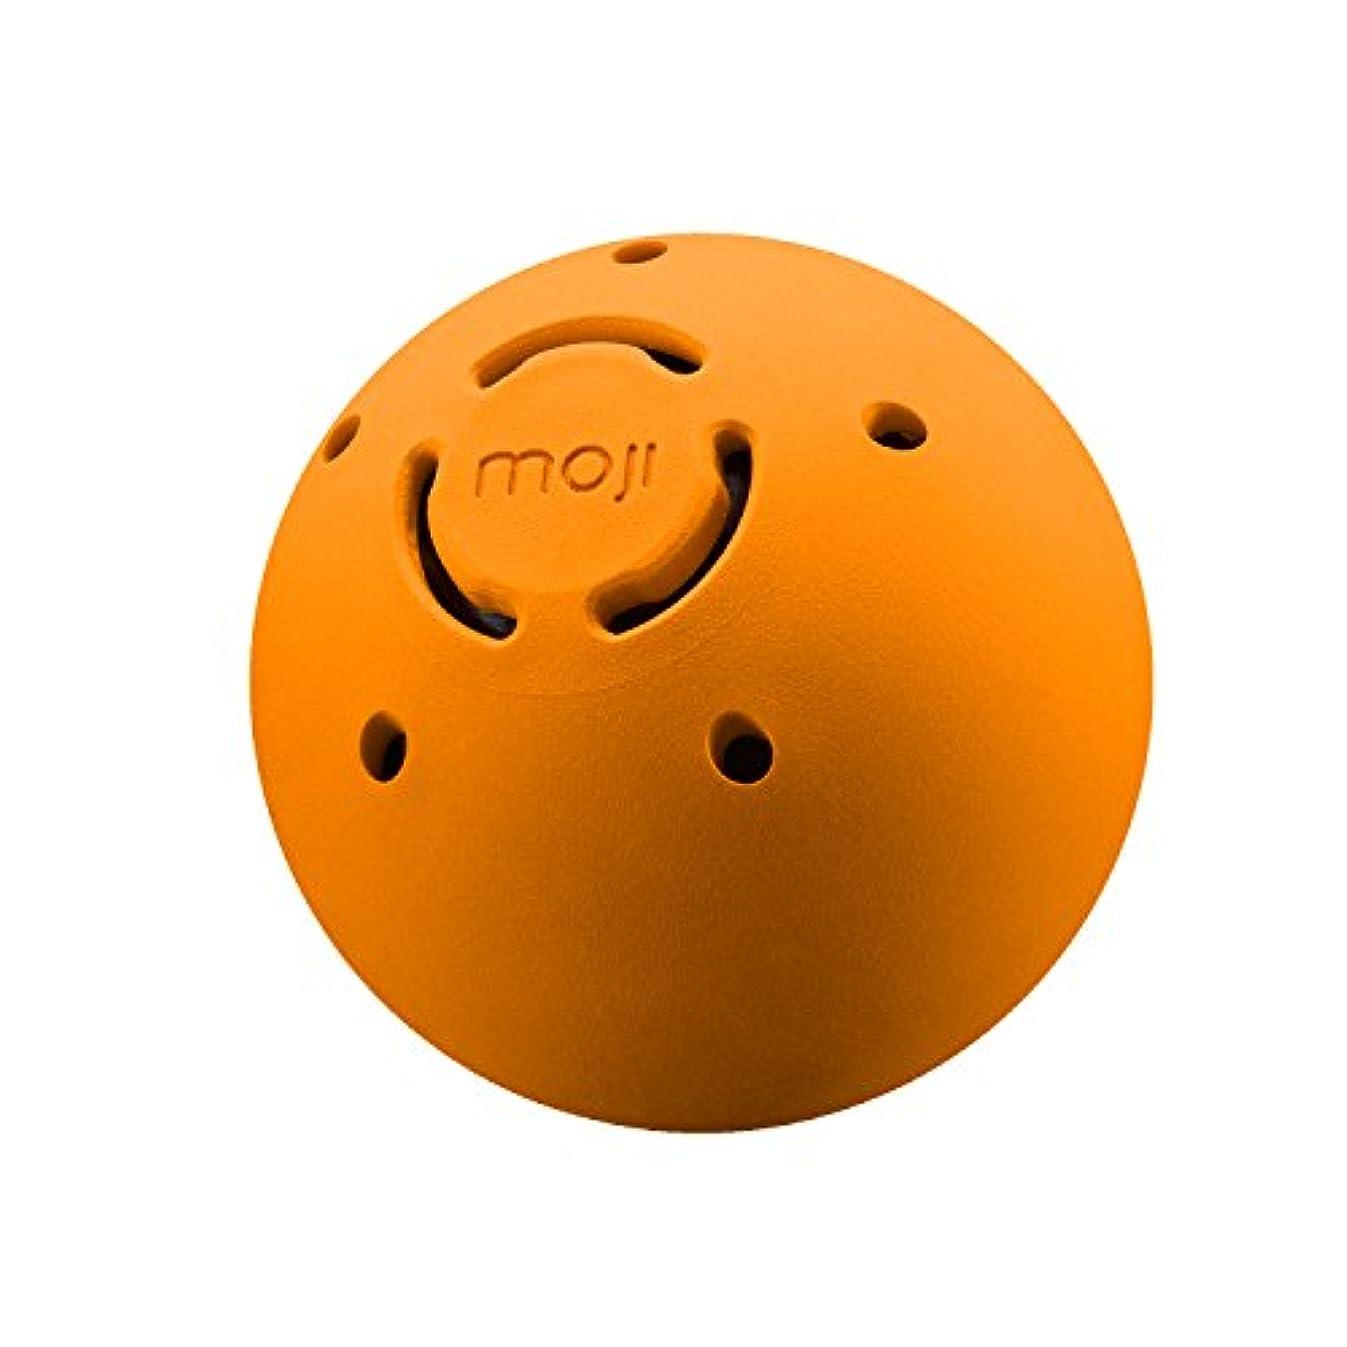 テント回復飢えた温熱 マッサージボール 筋肉の痛み 筋肉をほぐす 血流促進 MojiHeat Massage Ball (Large)